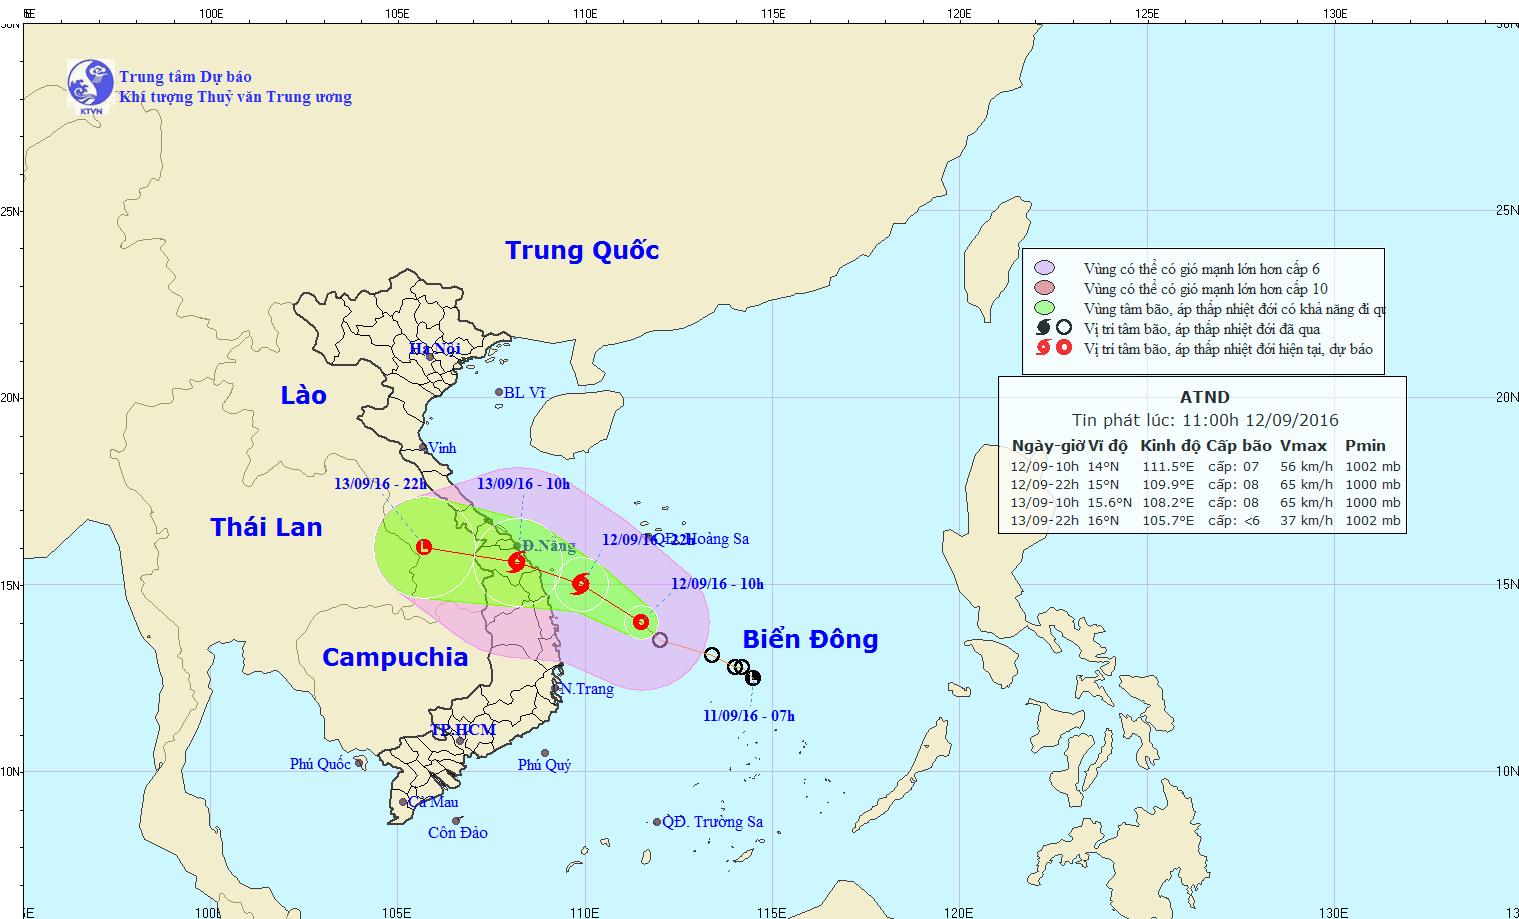 Quảng Nam- Quảng Ngãi: Dừng các cuộc họp để chống bão - 4